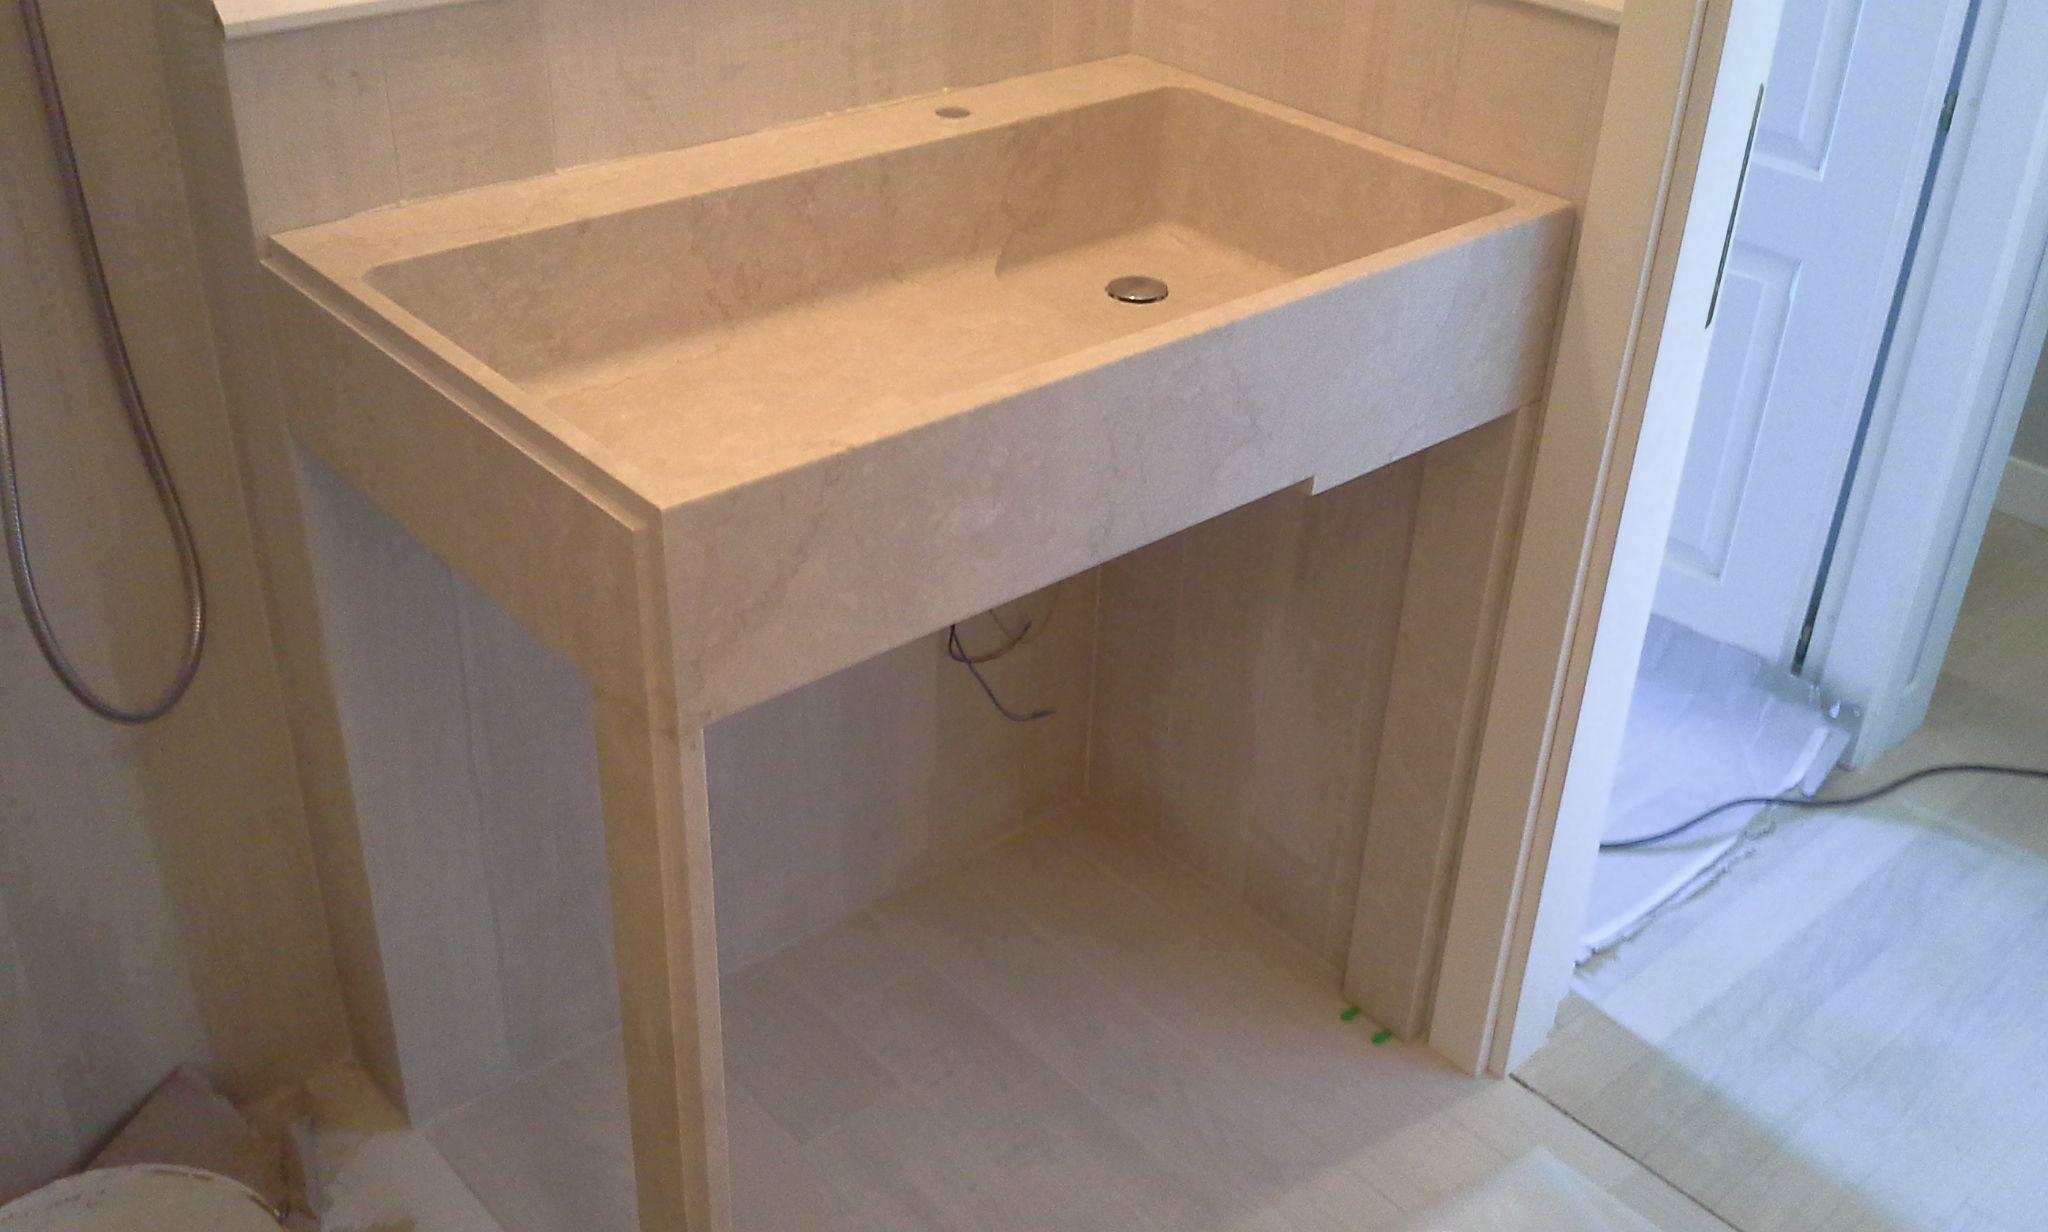 Lavatoio Per Bagno Lavanderia lavabo ad uso anche lavatoio ( con spazio inferiore per